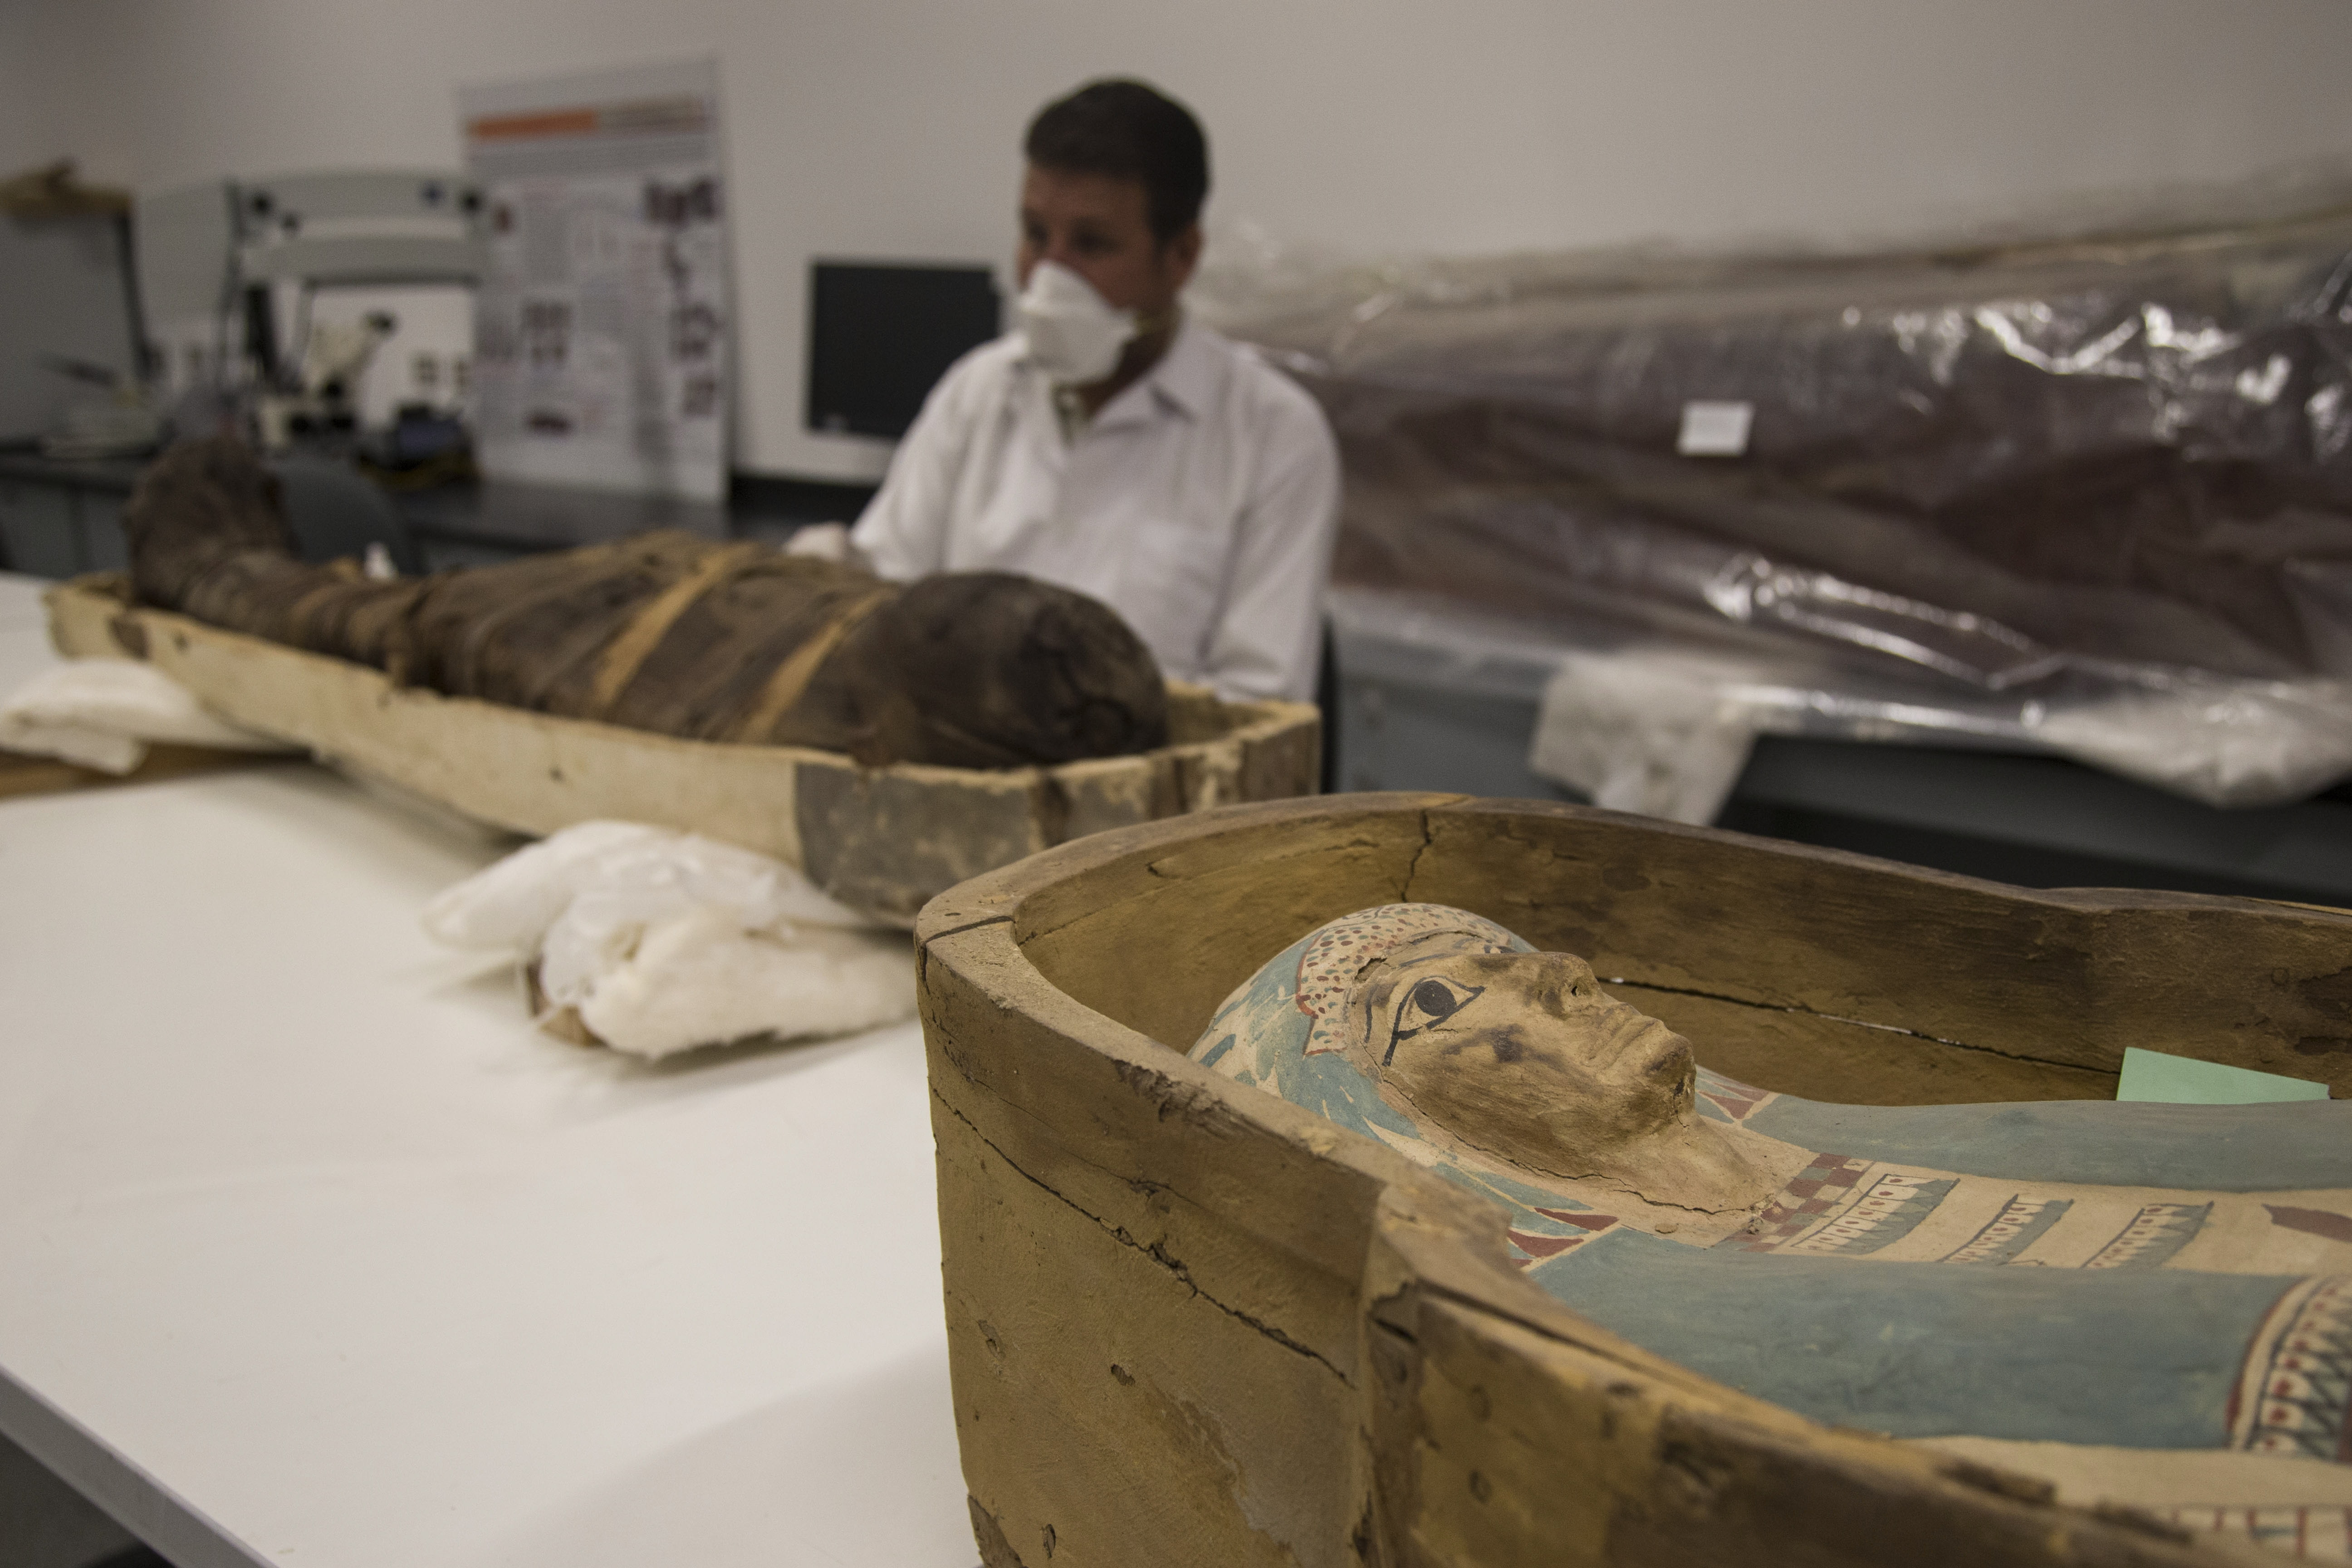 aigyptos-paroysiasthike-i-ypo-apokatastasi-sarkofagos-toy-toytagchamon-fotografies1